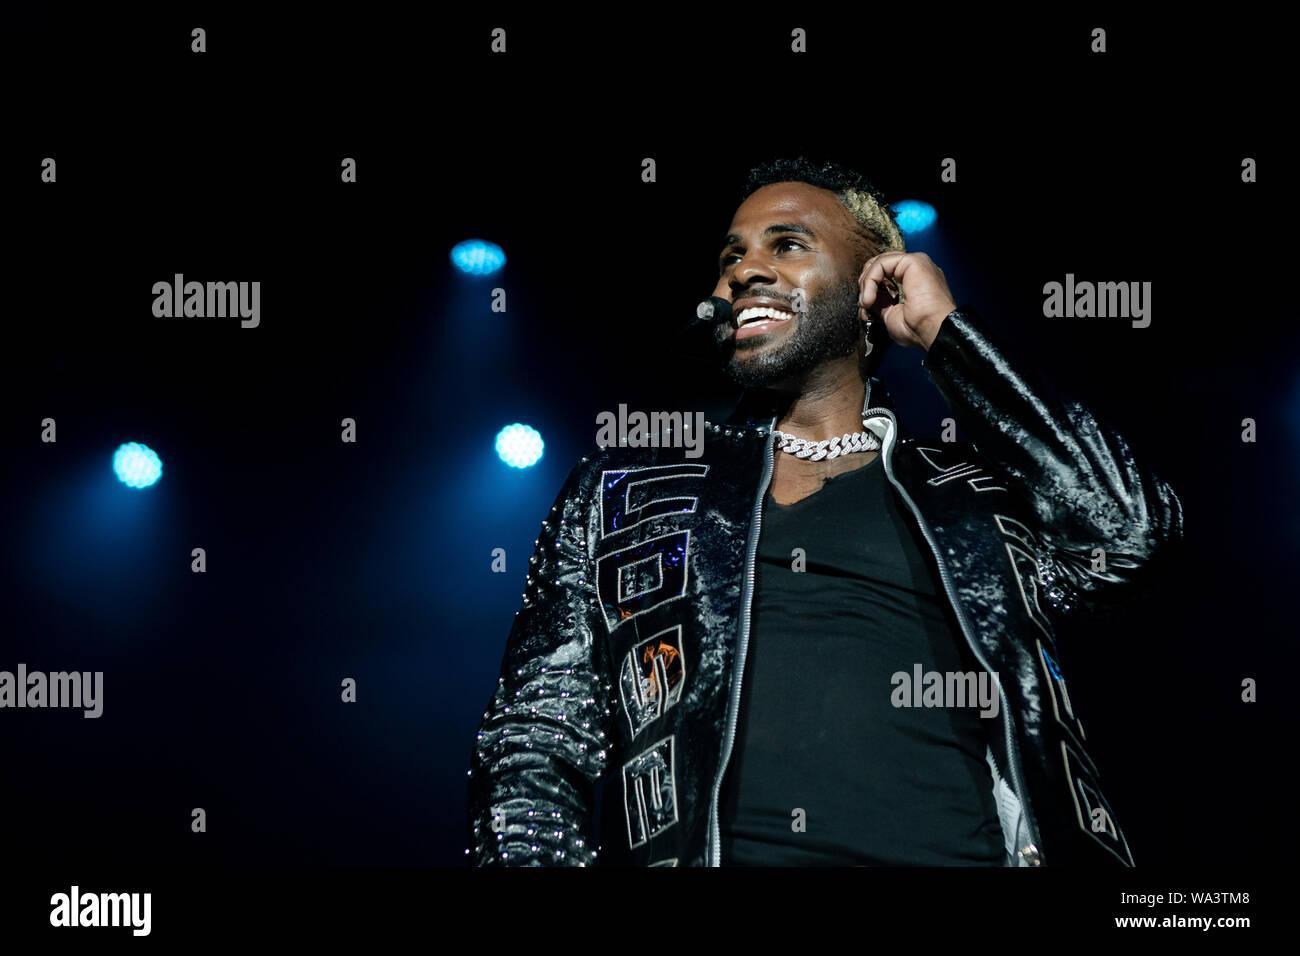 Copenhagen, Denmark  16th Aug, 2019  The American singer